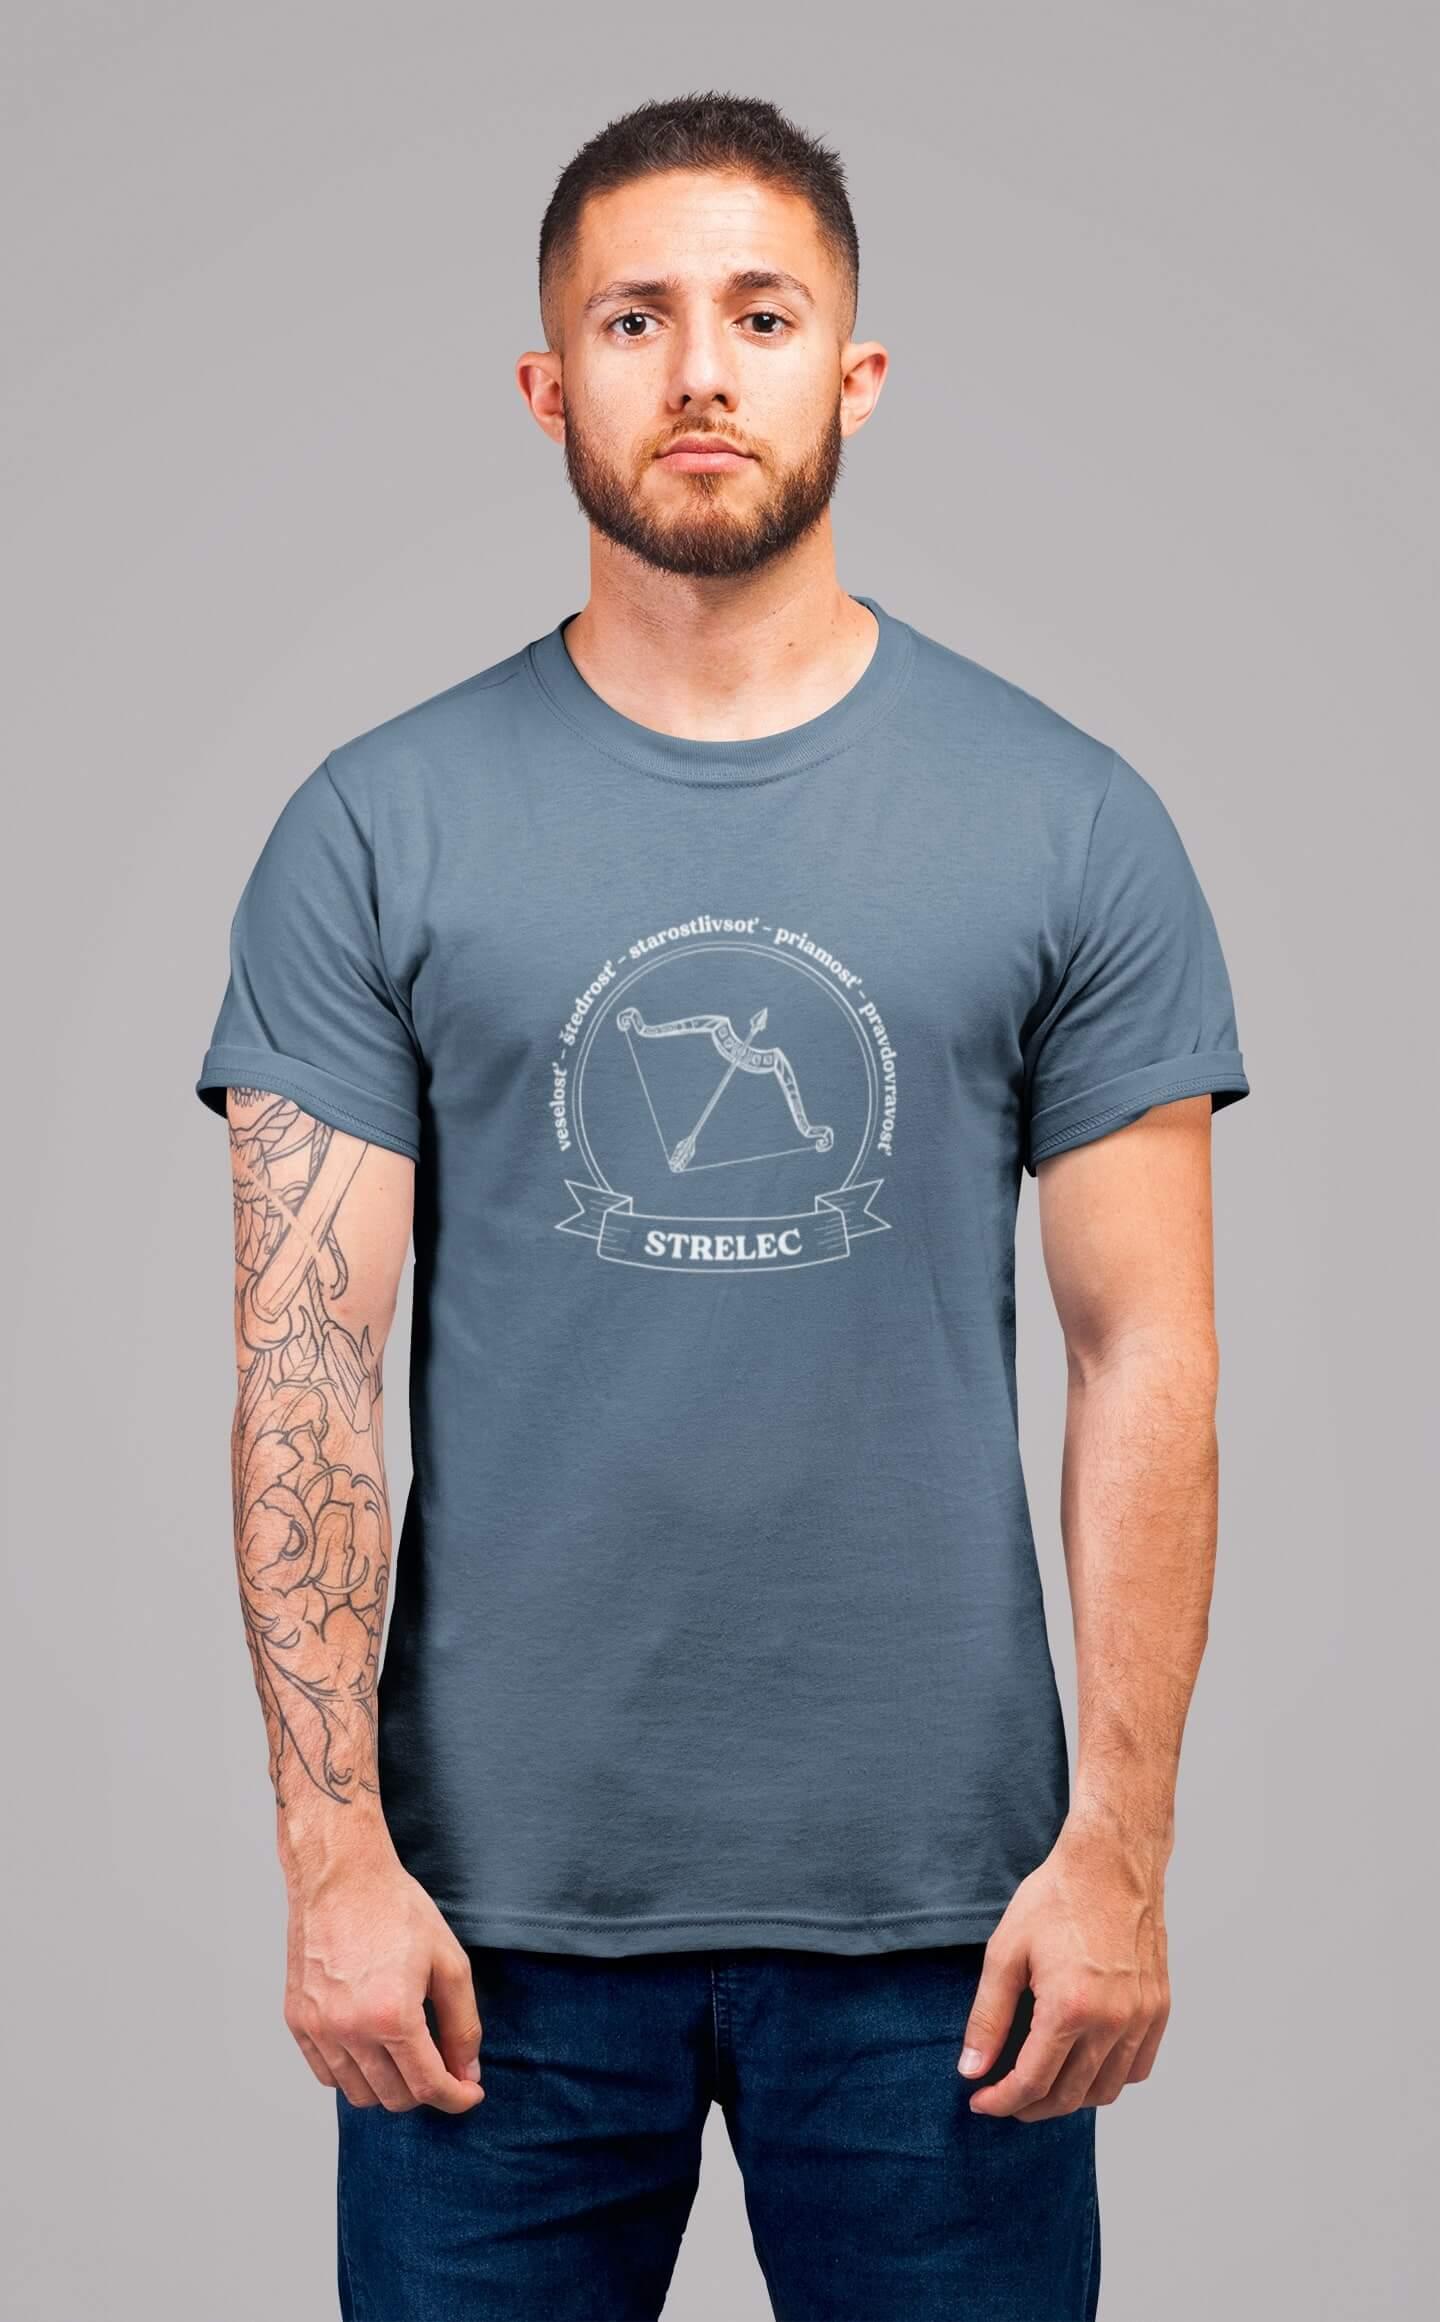 MMO Pánske tričko Strelec Vyberte farbu: Denim, Vyberte veľkosť: XS